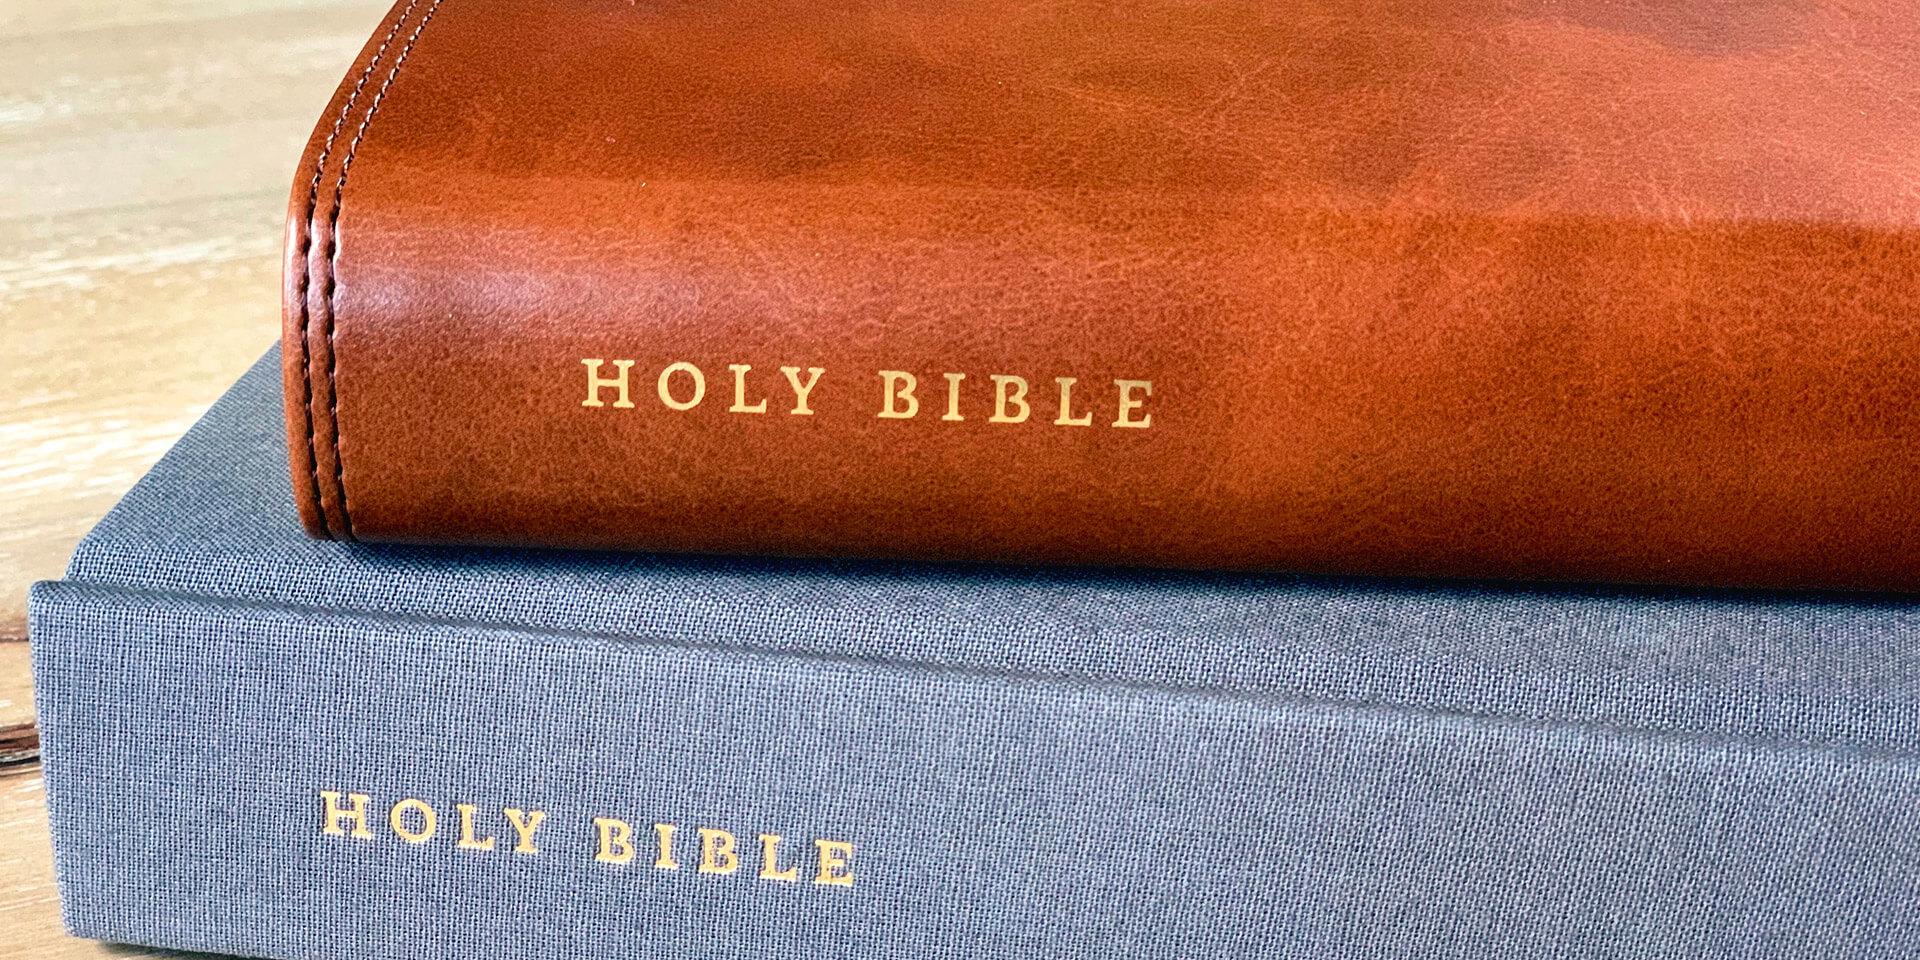 Übereinanderliegende Bibeln